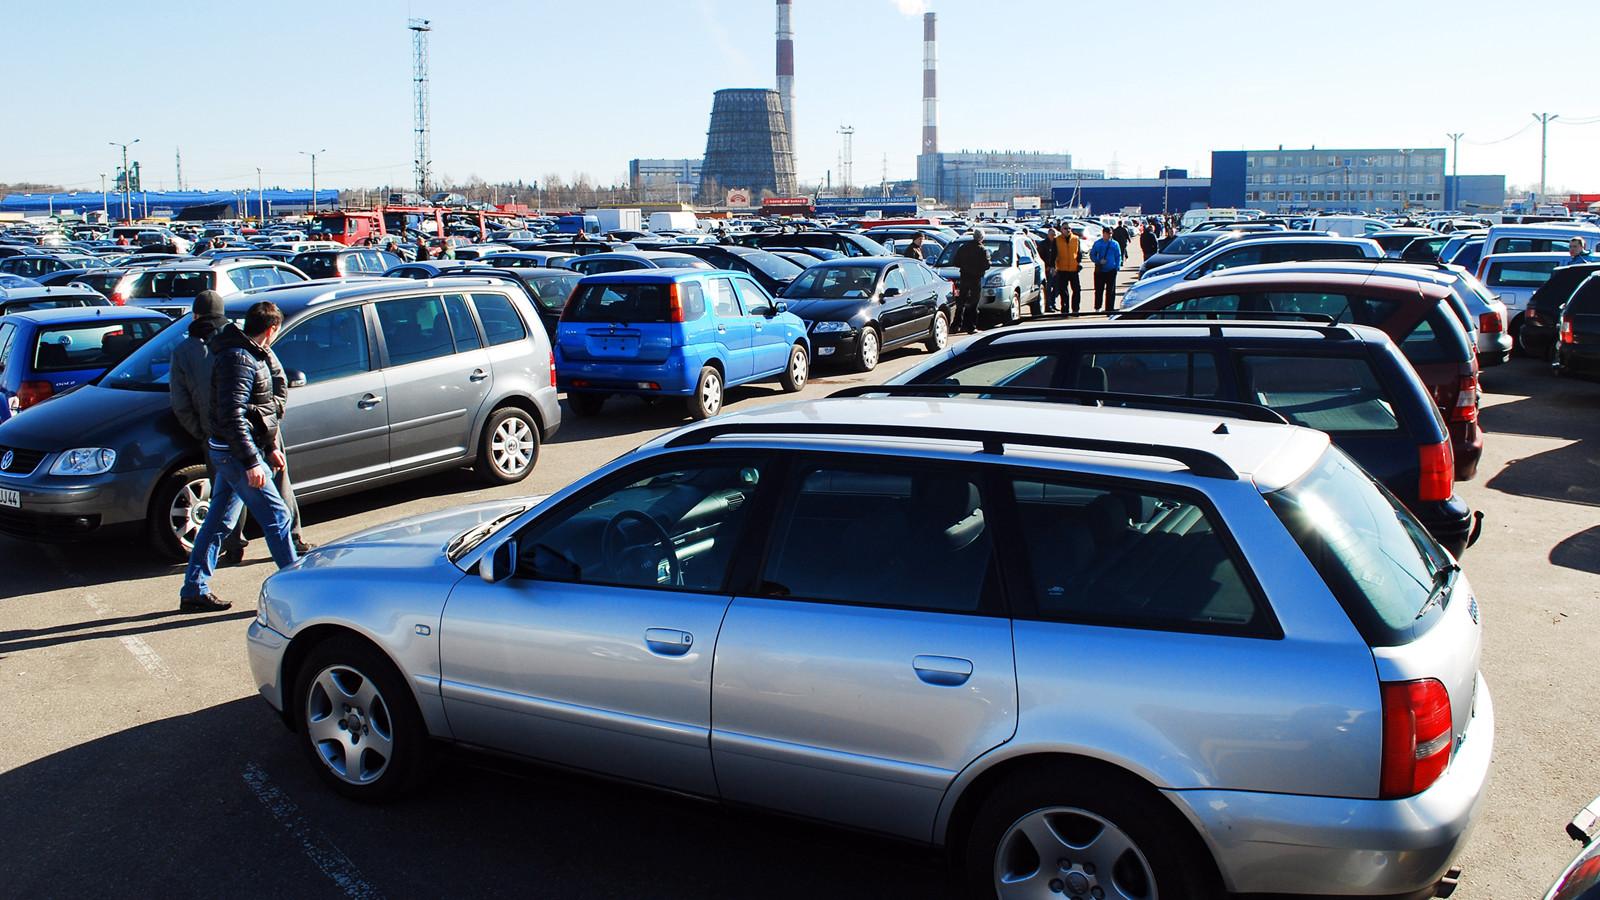 Авто с«Эра-Глонасс» становится всё больше